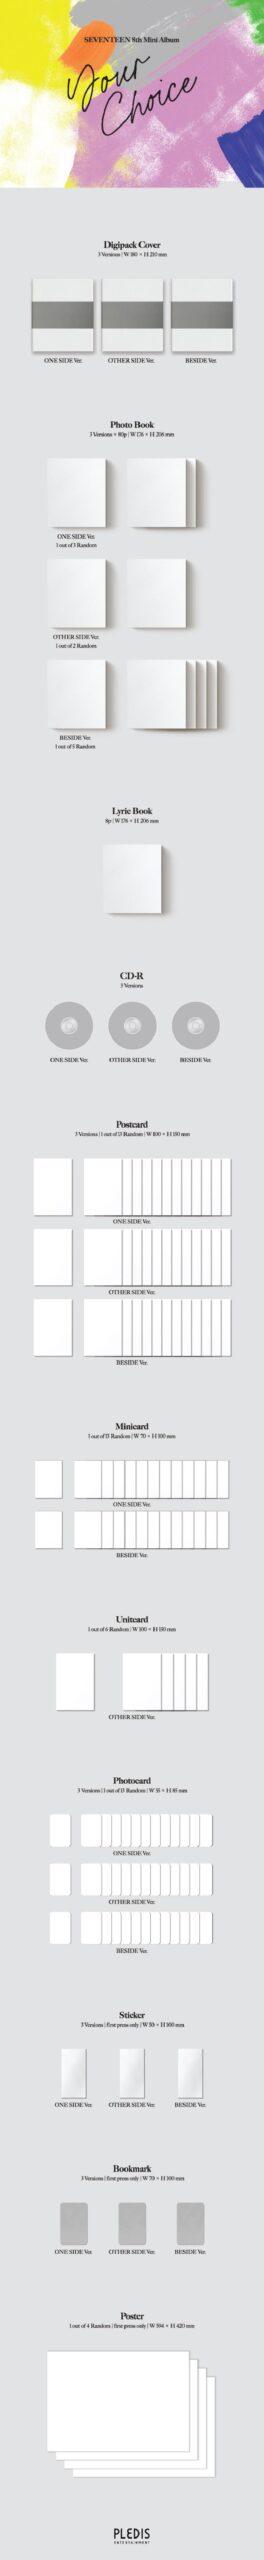 8th Mini de SEVENTEEN Your Choice Random Ver. Pre order Gift Poster 1